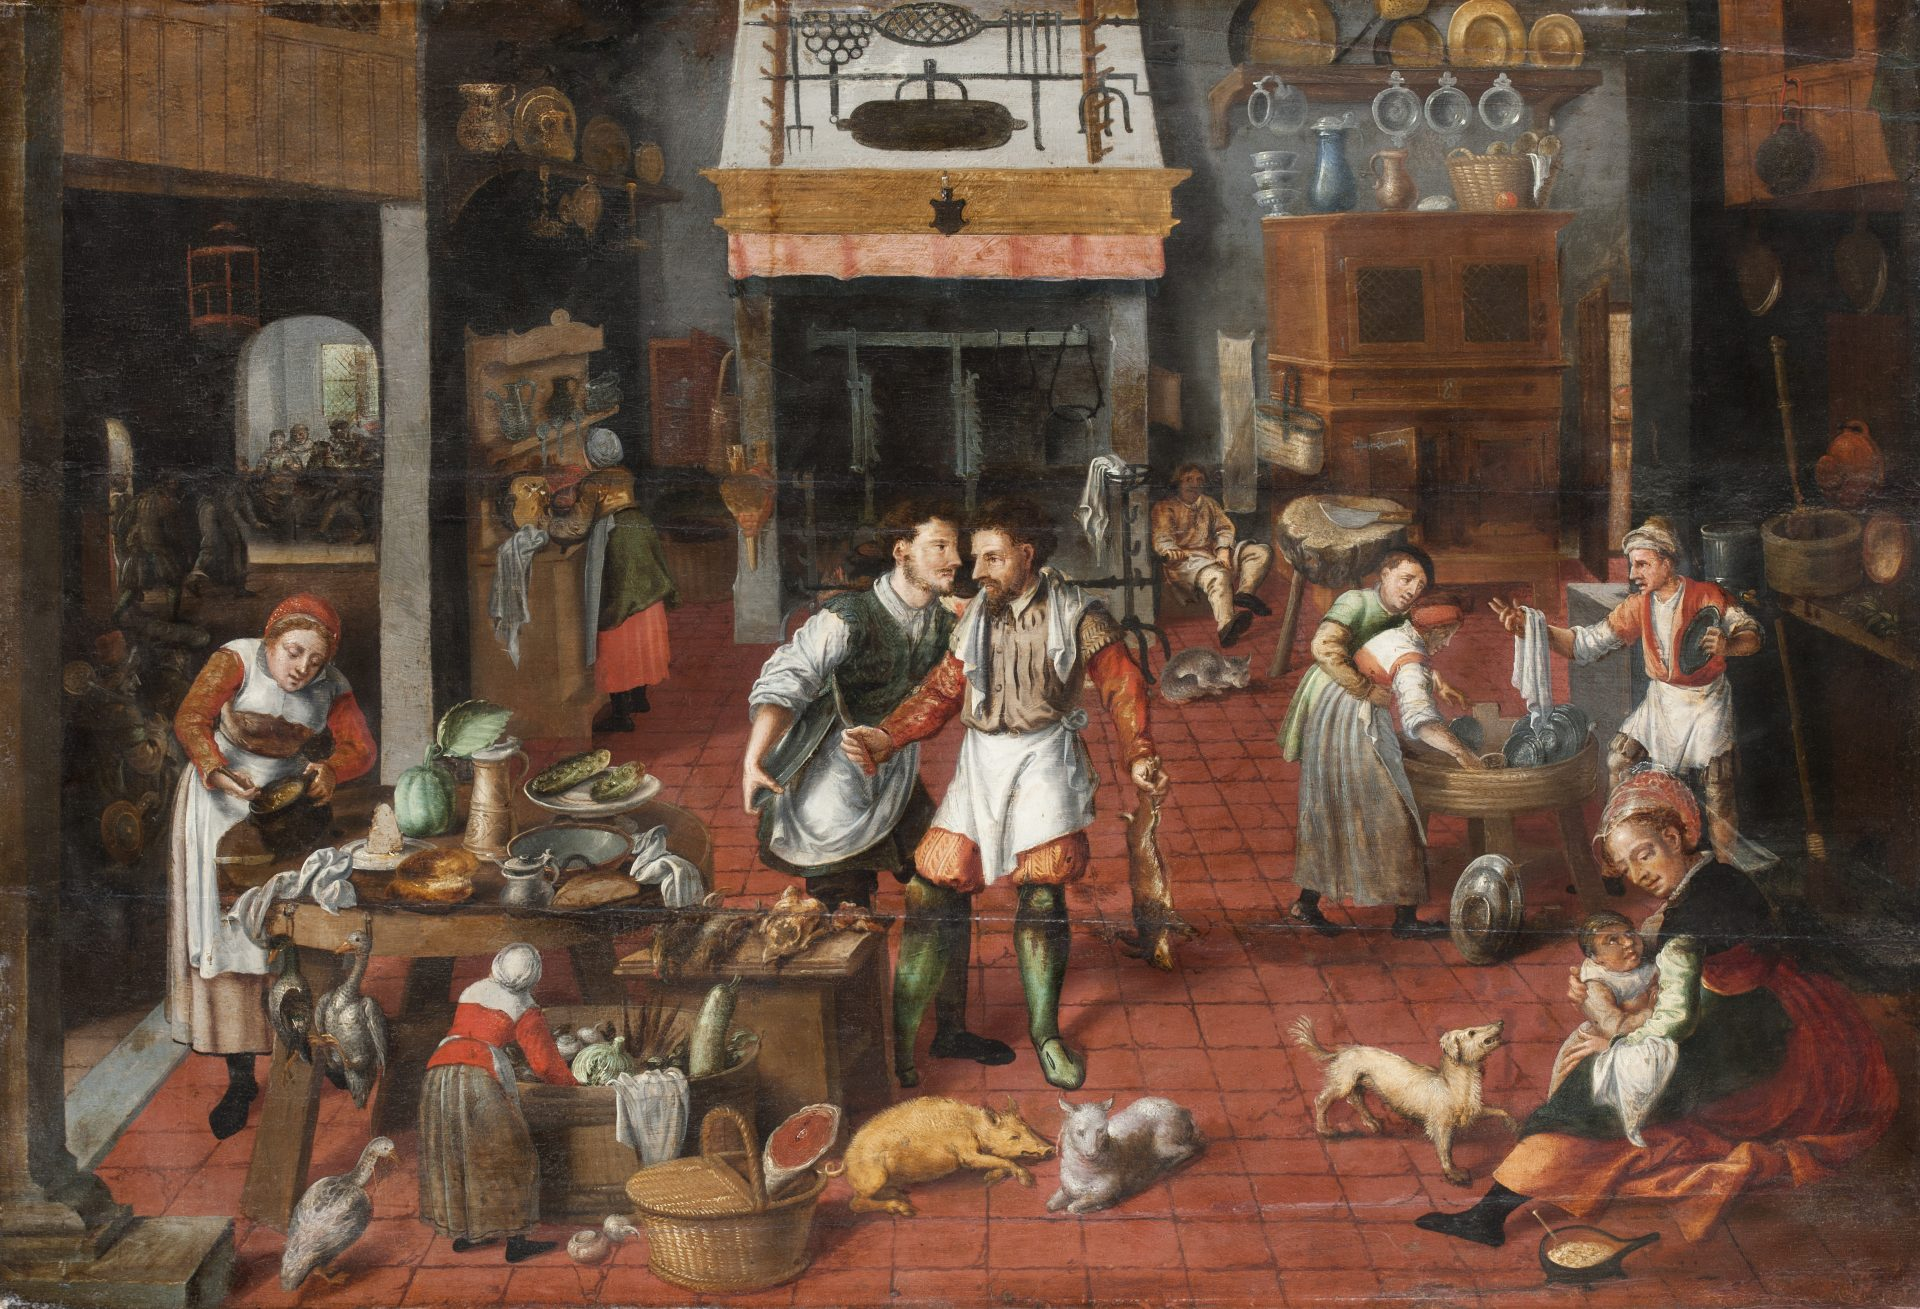 Målning av en köksinteriör från 1500-talet